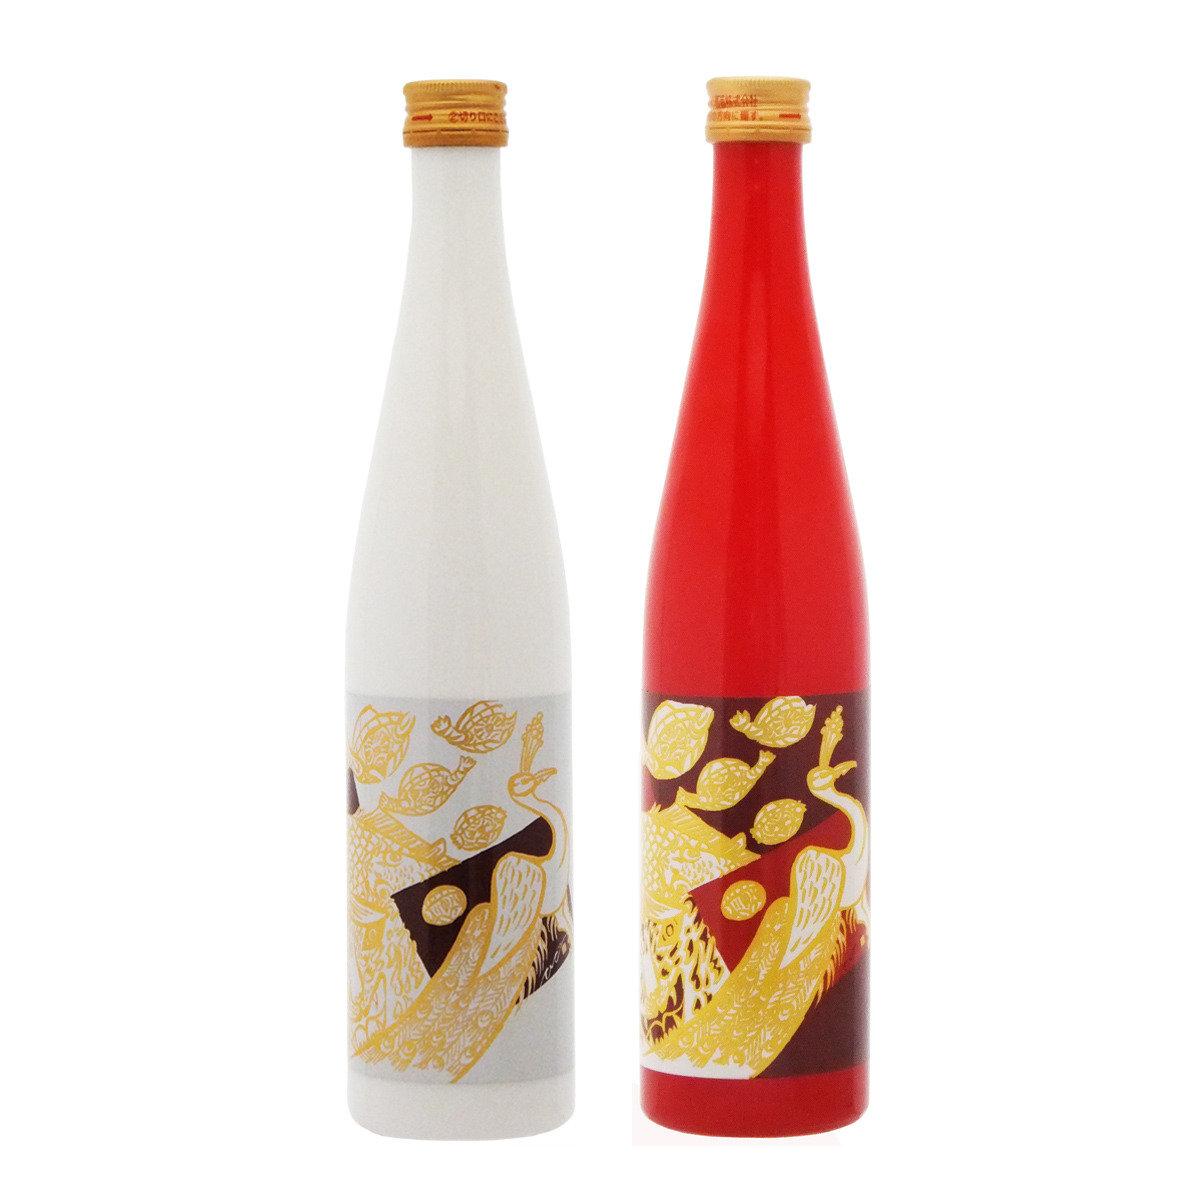 平安四神【紅白】日本酒禮品套裝 (500毫升 x 2)